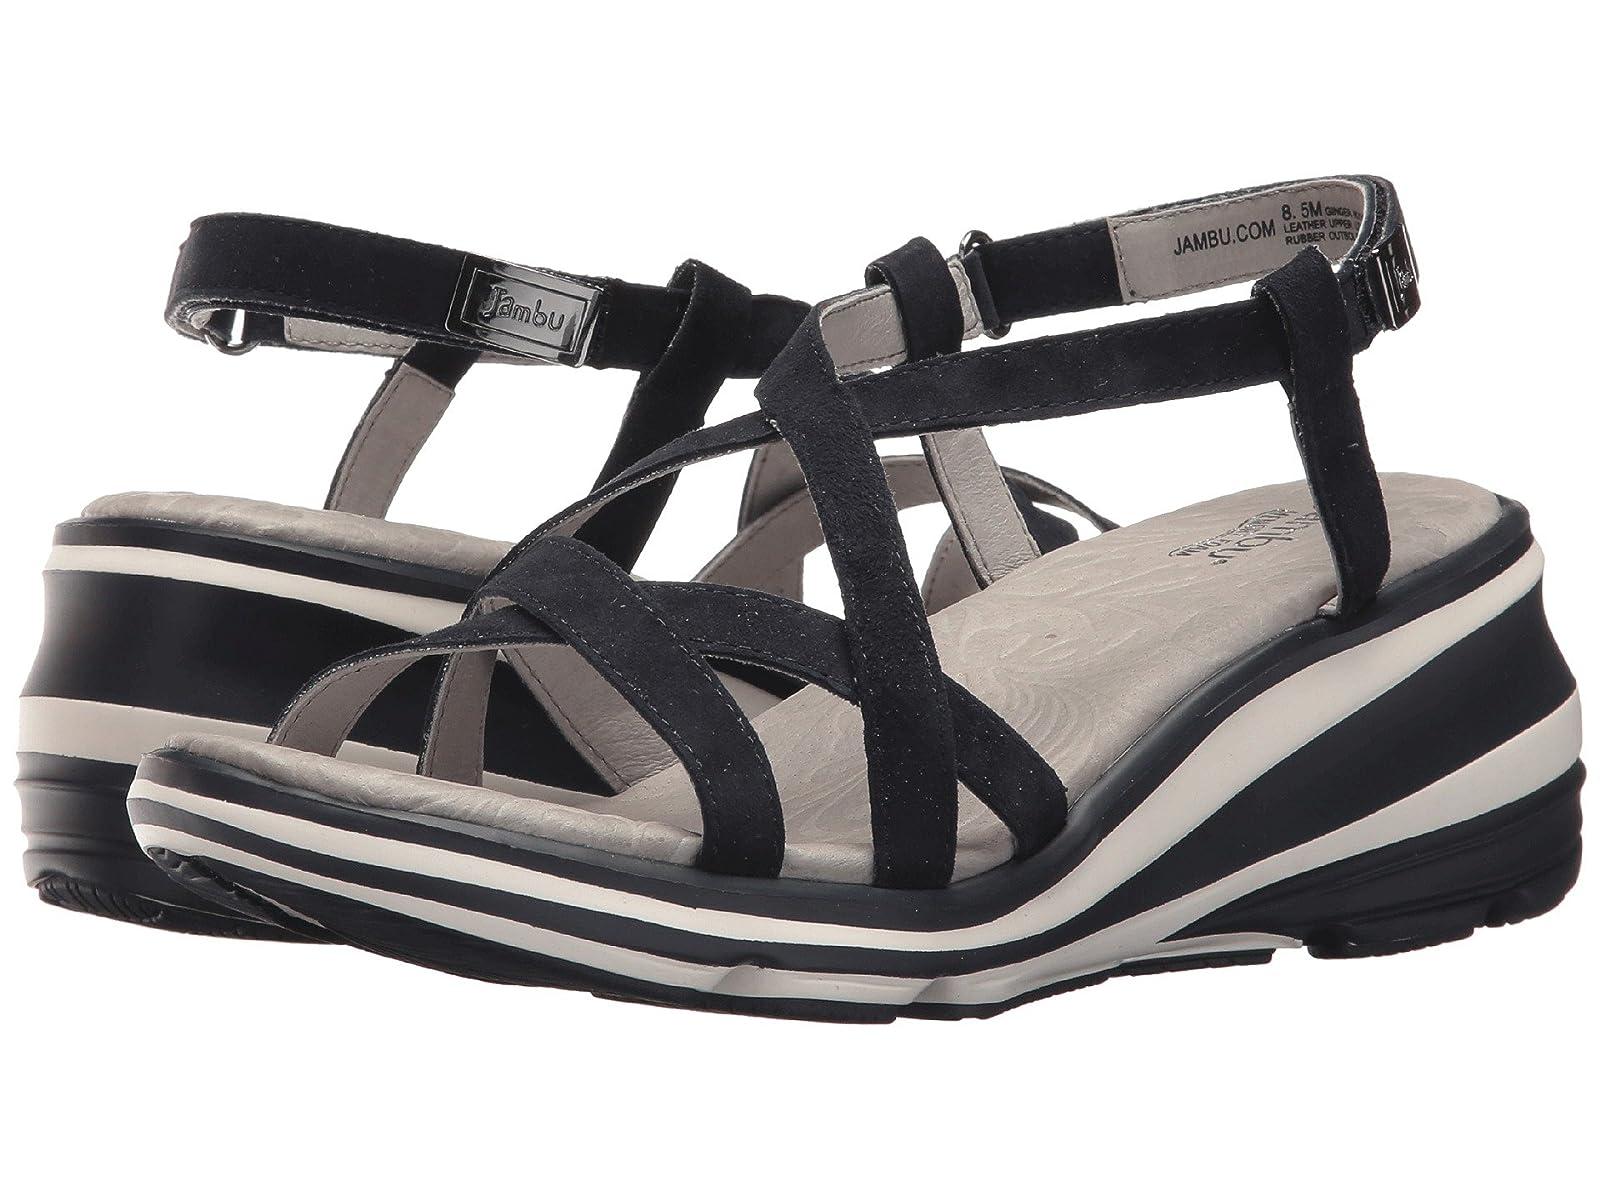 Jambu GingerAtmospheric grades have affordable shoes